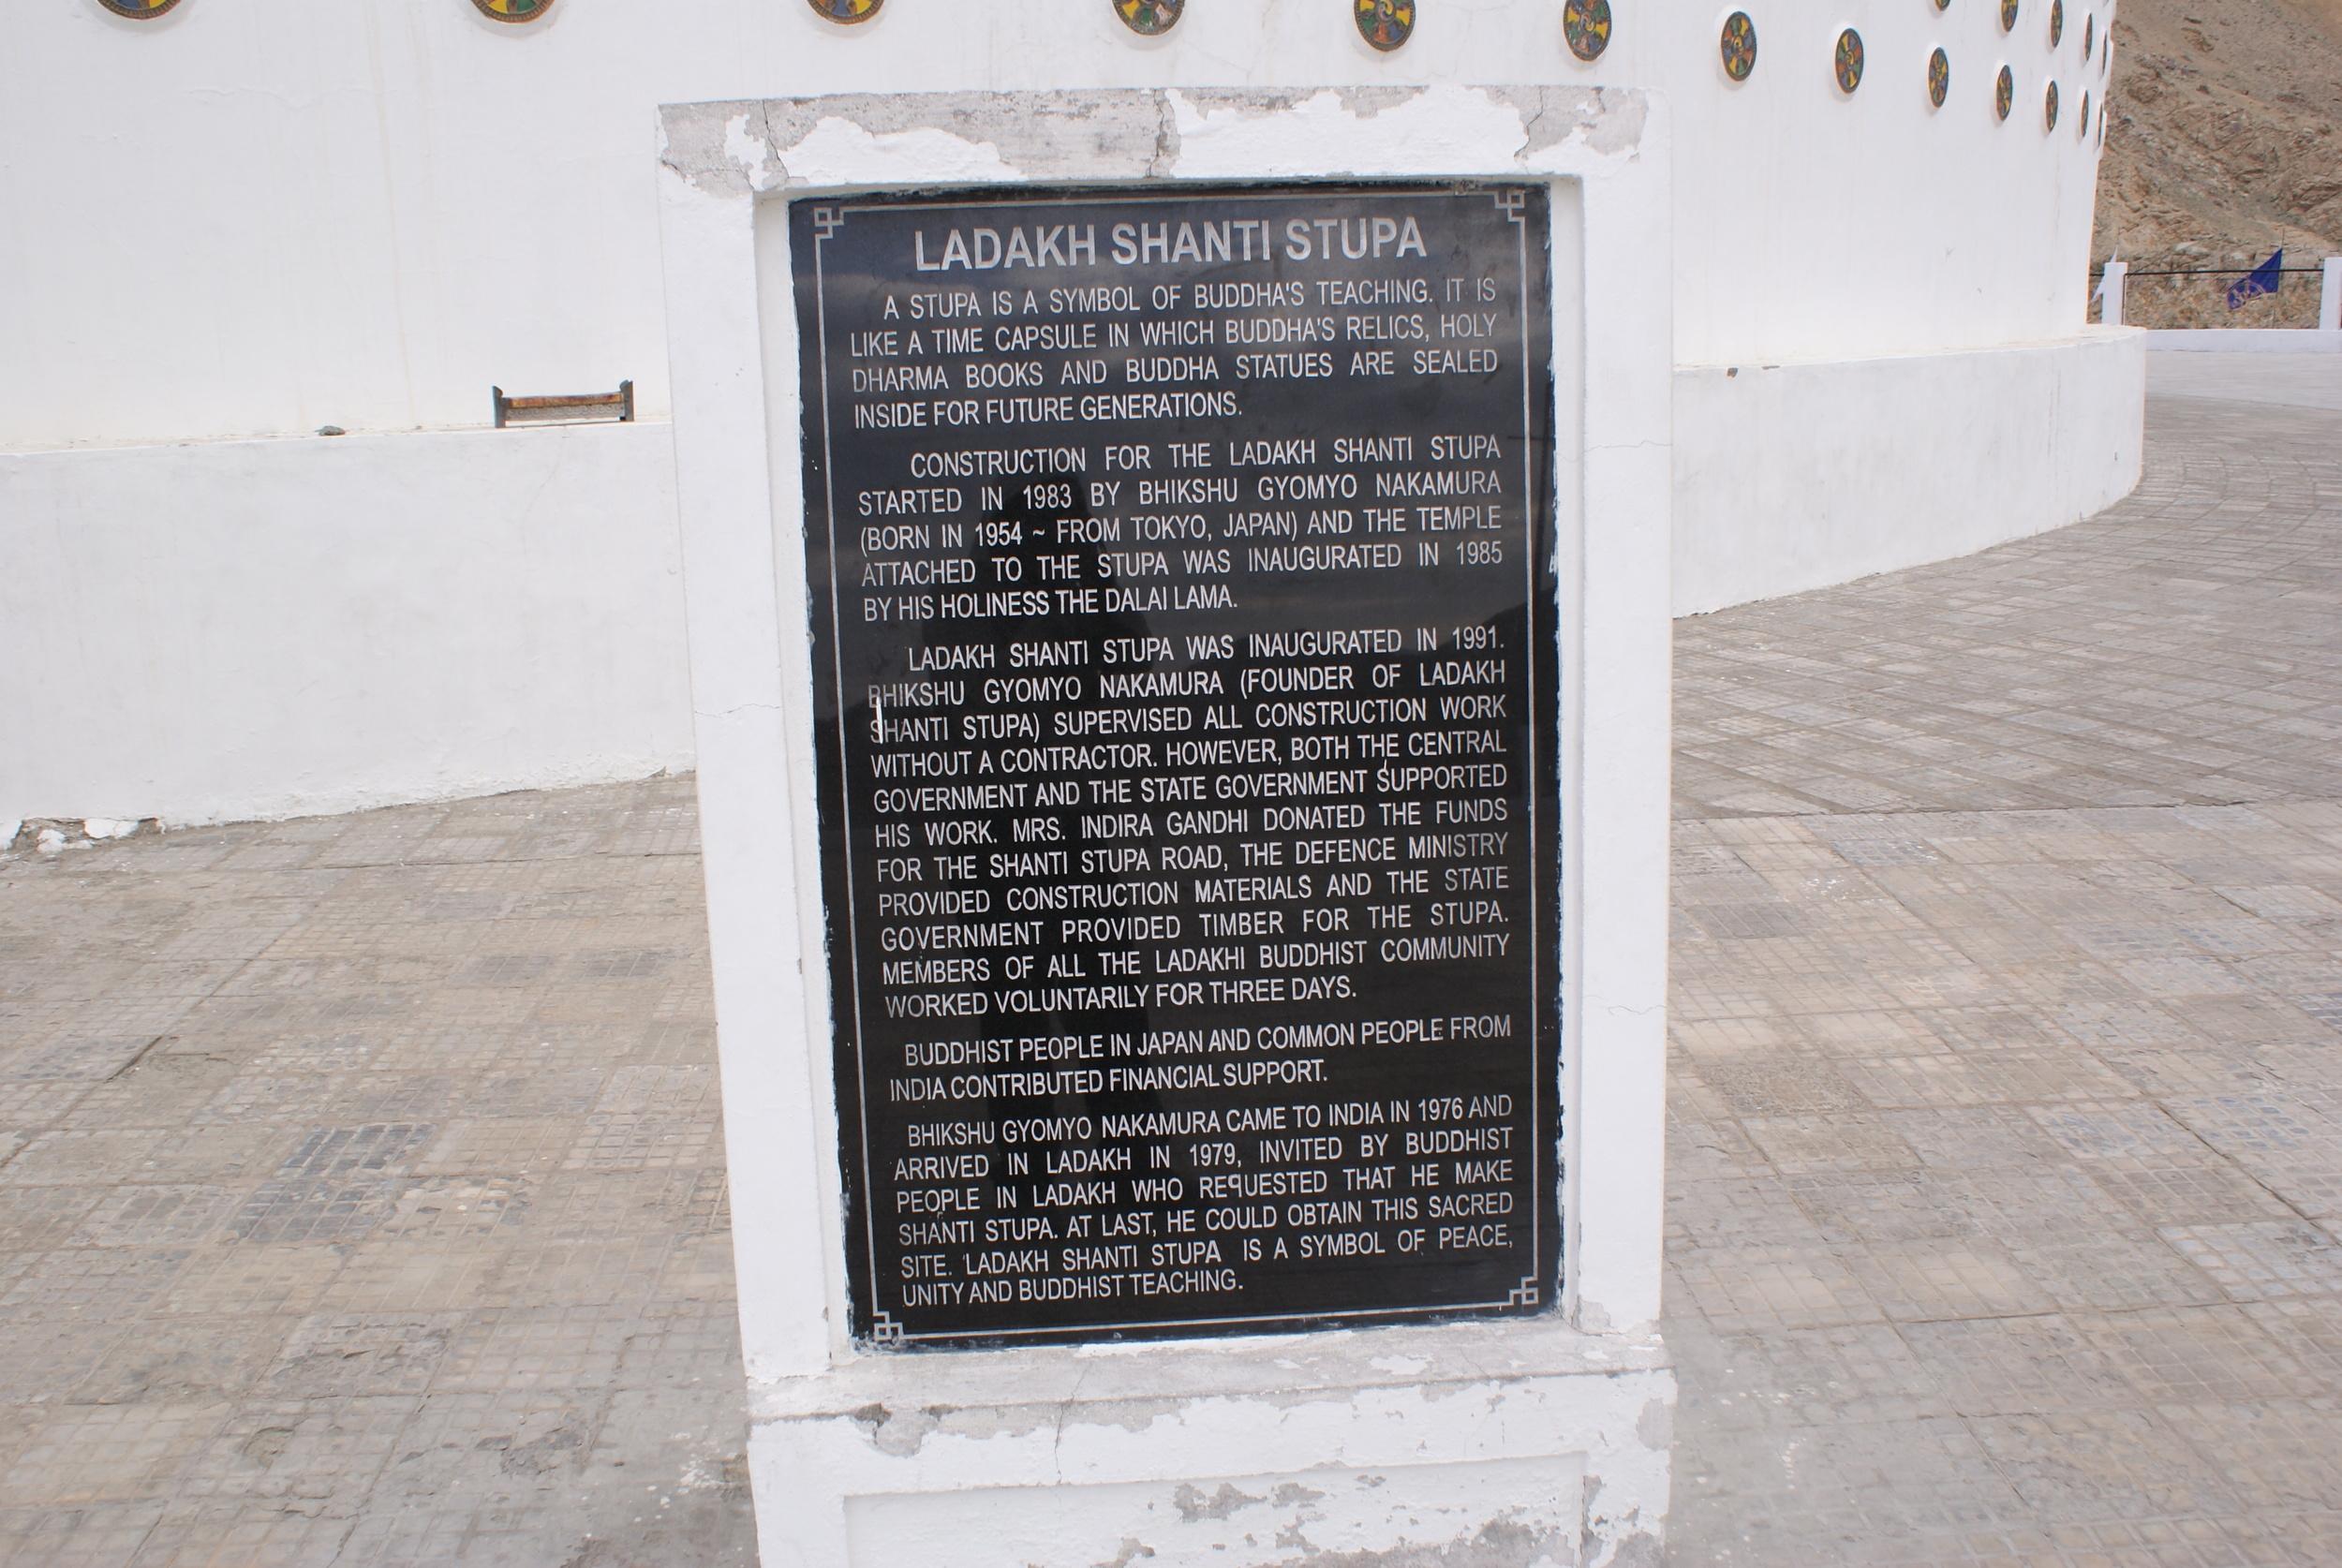 About Shanti Stupa